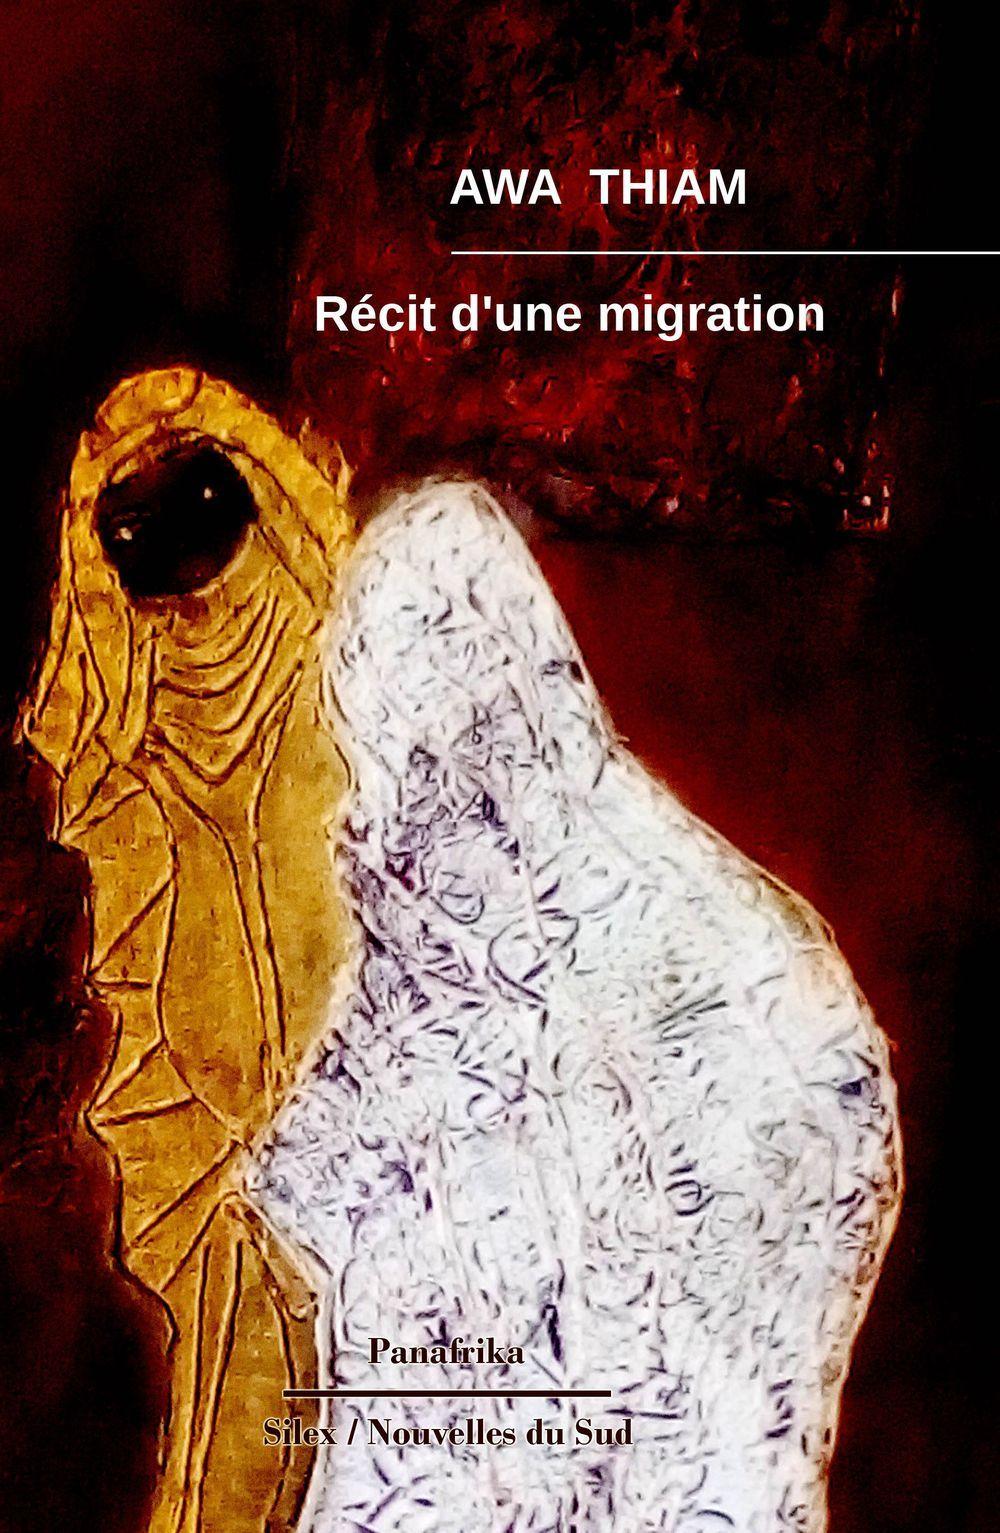 RECIT D'UNE MIGRATION